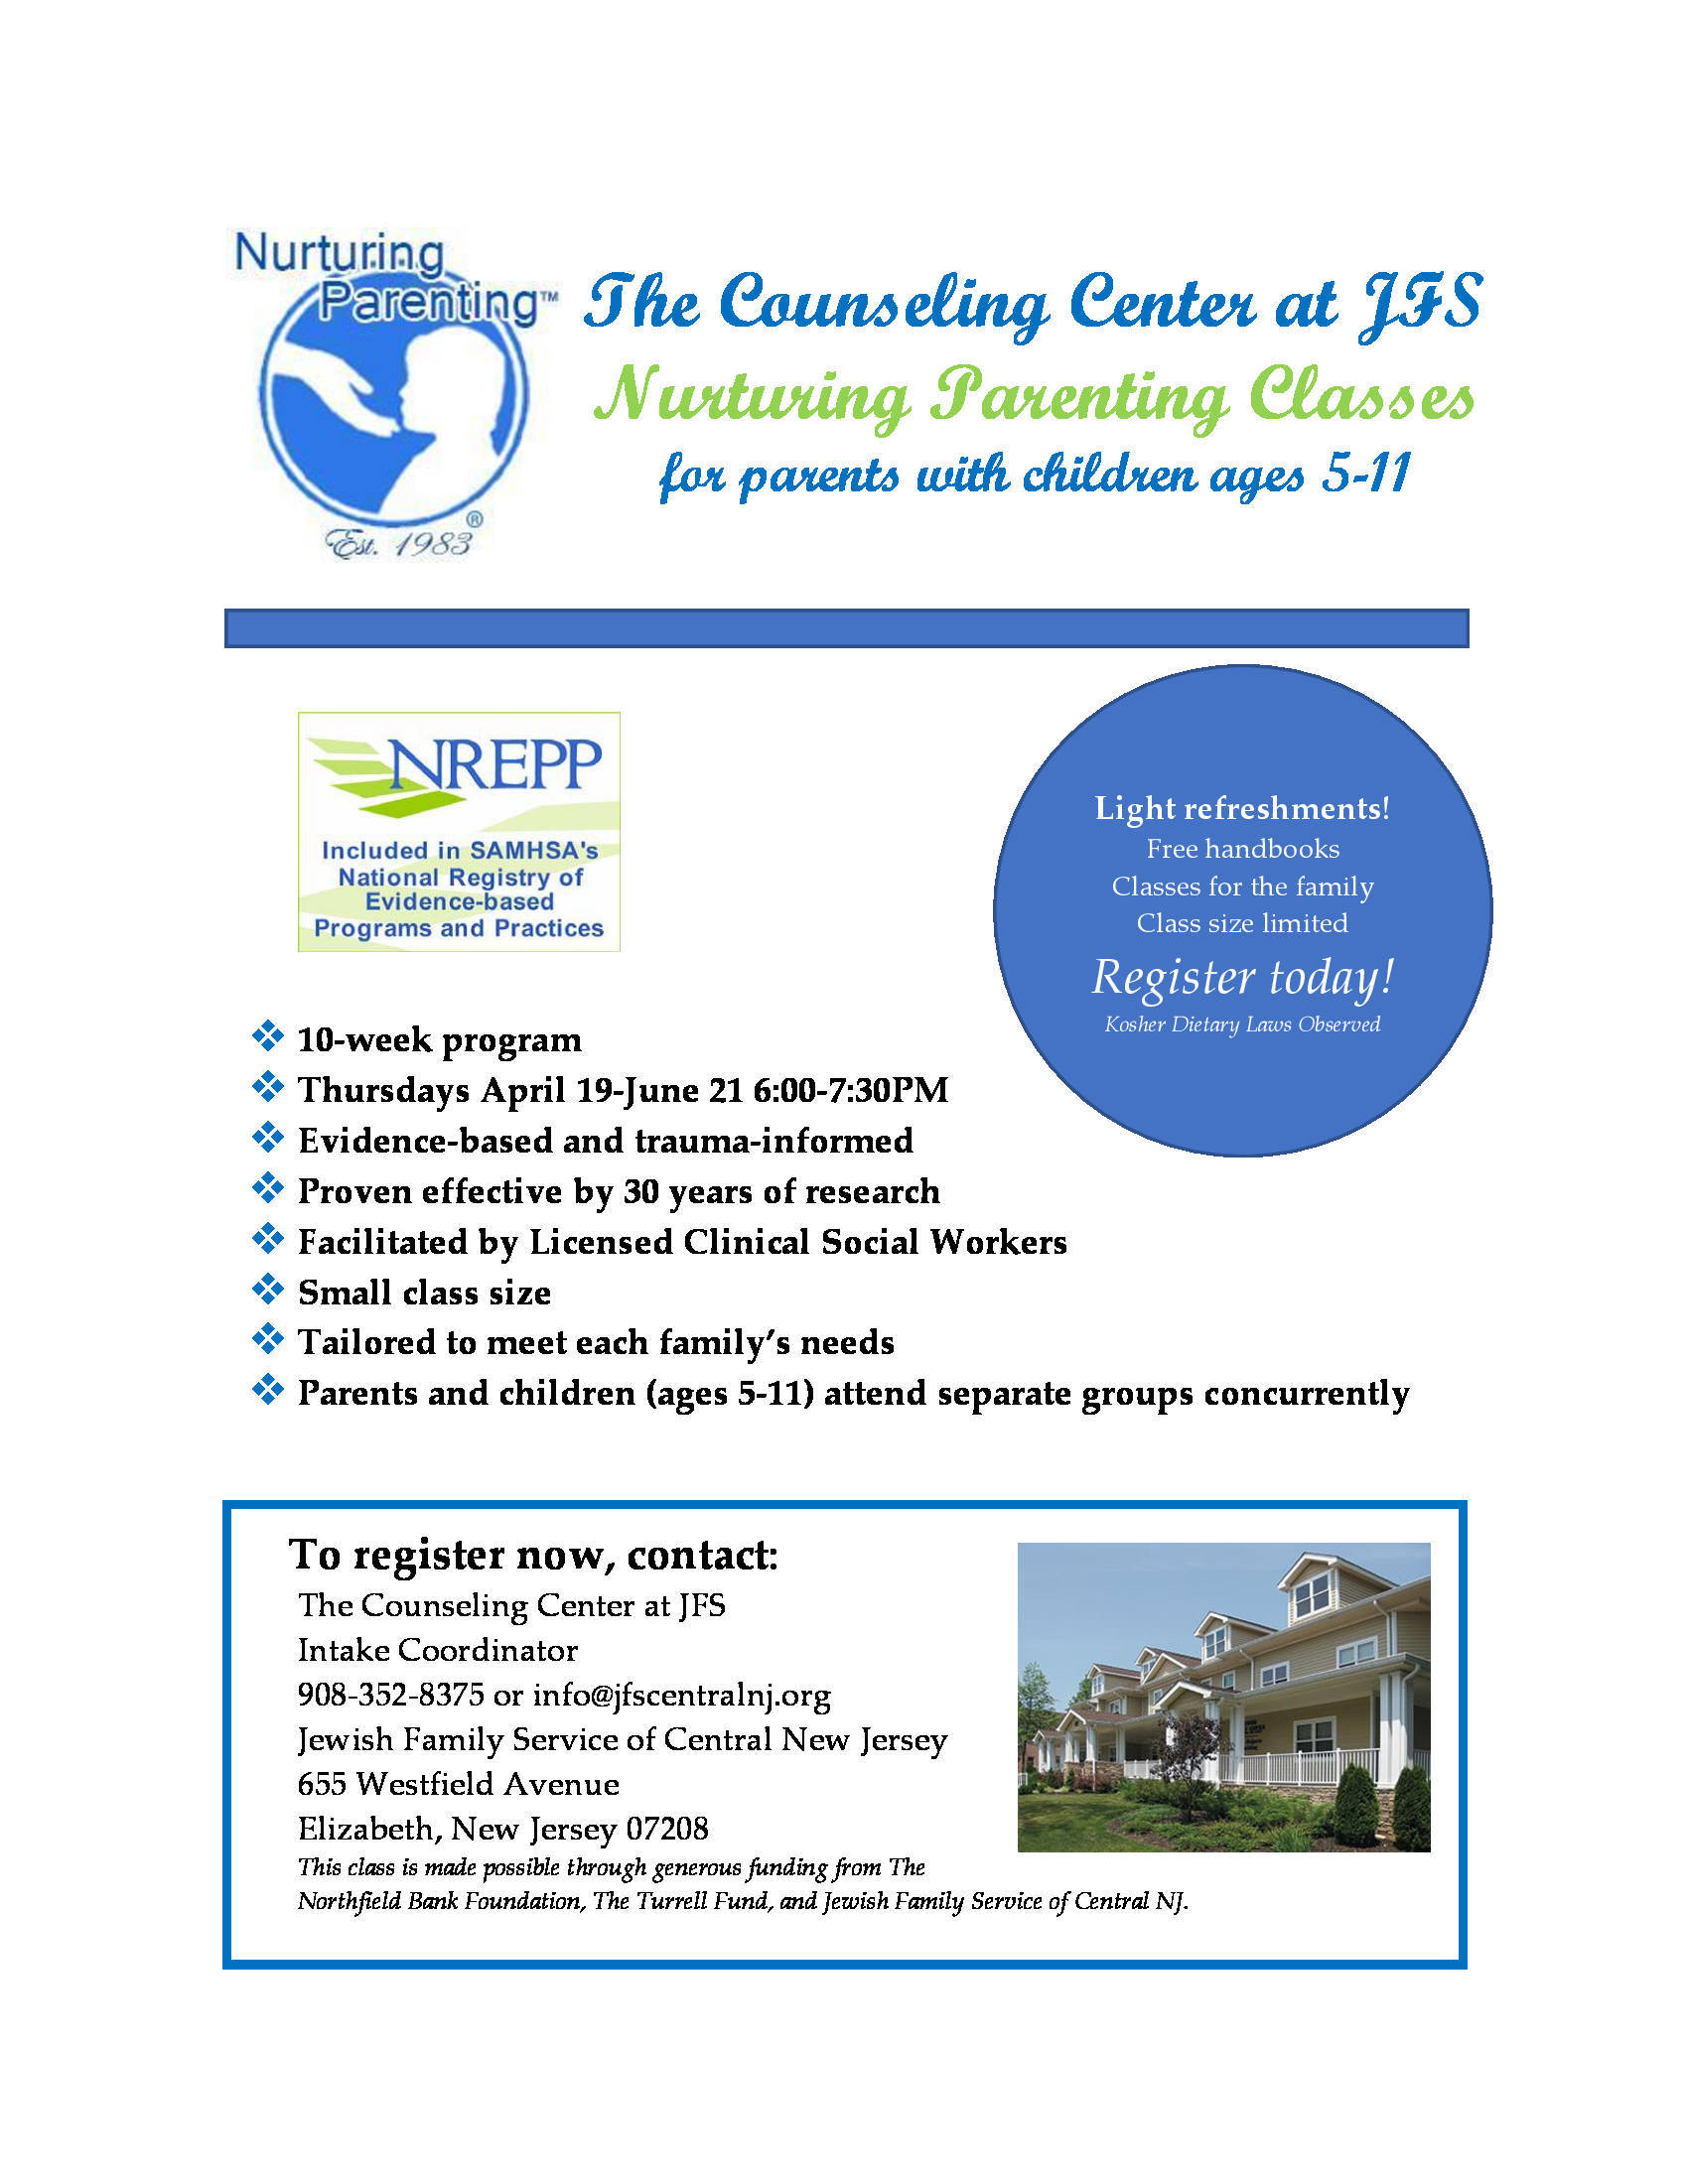 e1c936c05a3af9da1738_Nurturing-Parenting-Group-flyer-updated.jpg